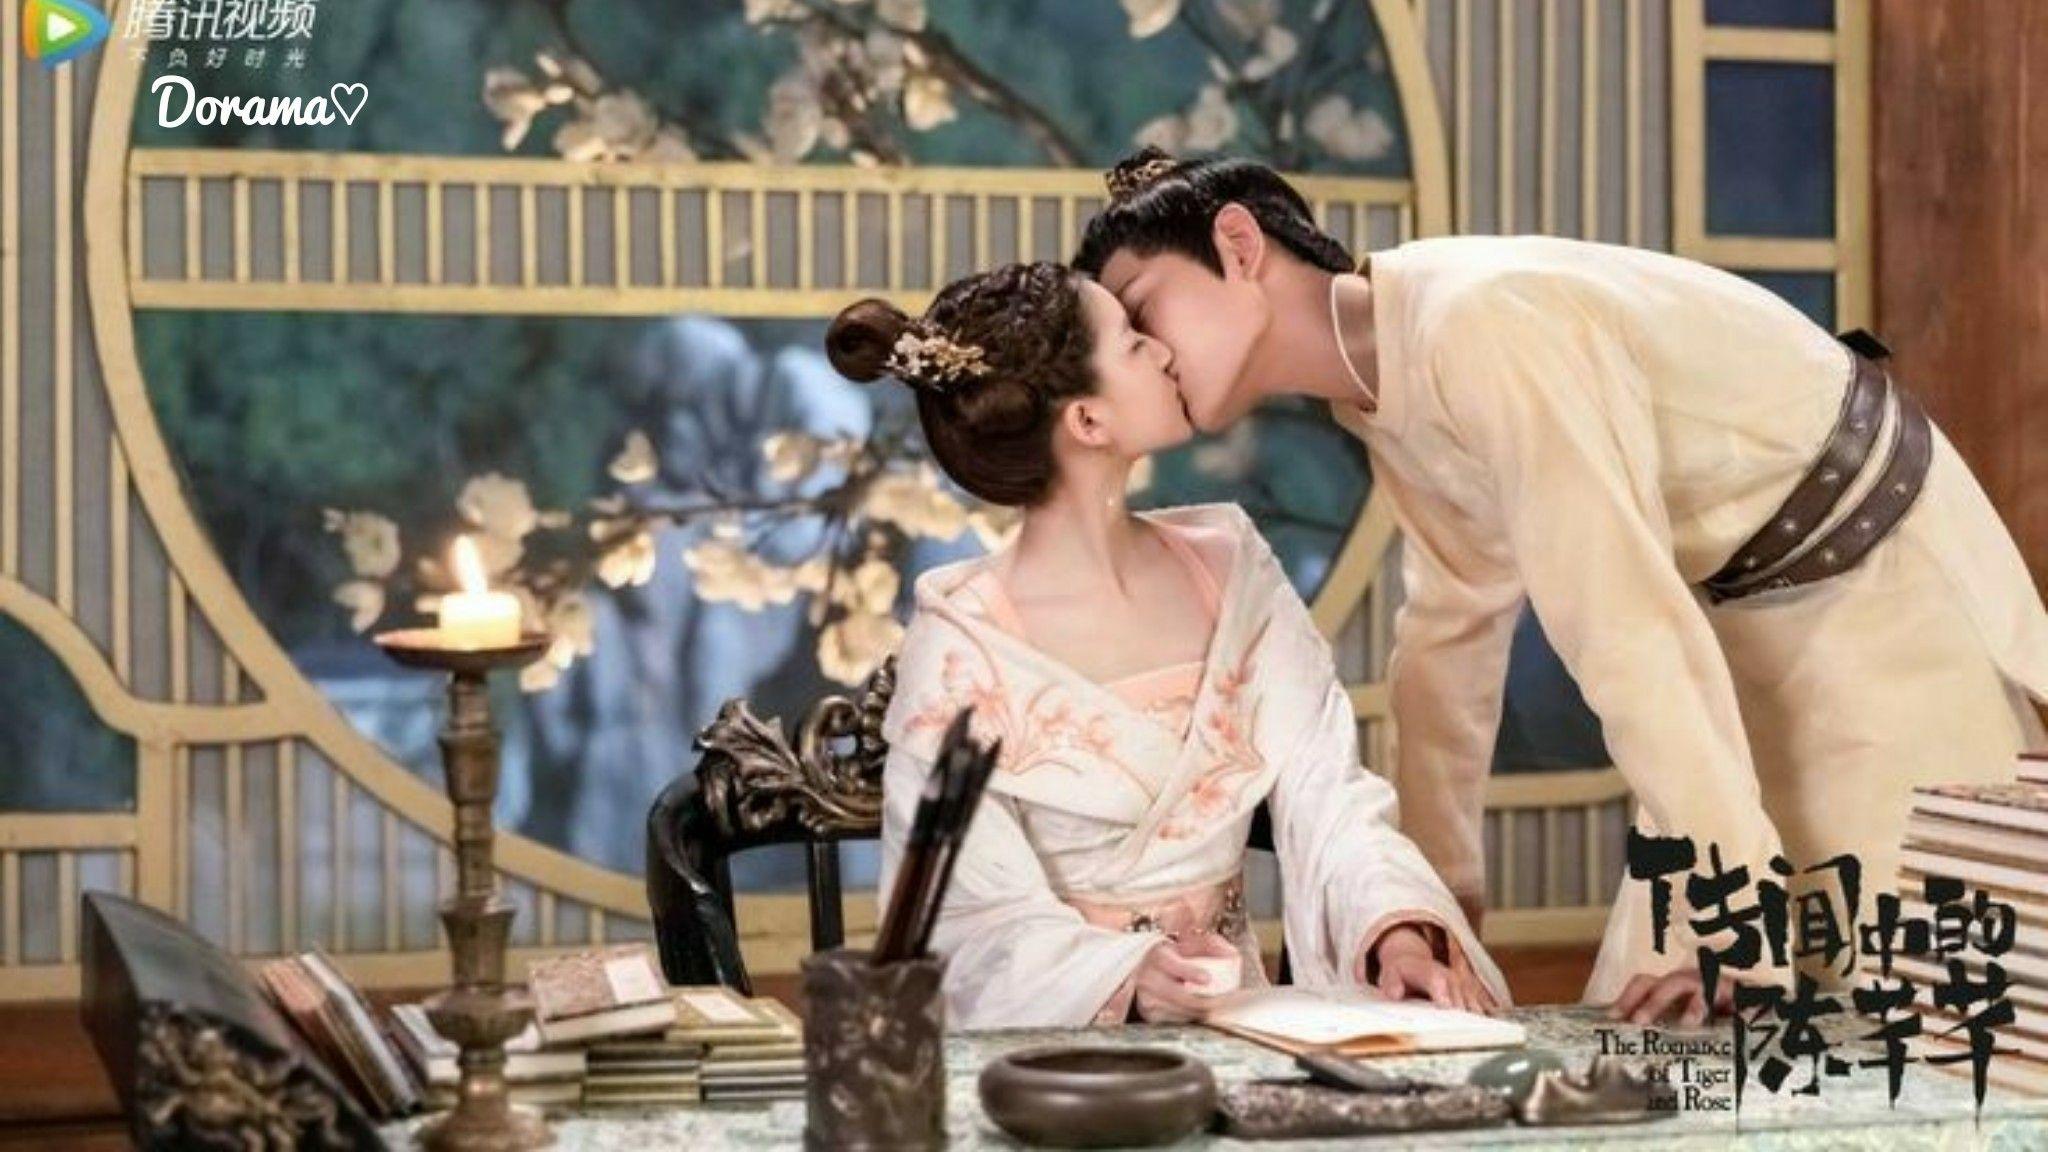 Pin by 陸 恩 on 傳聞中的陳芊芊 in 2020 Romance, Romantic films